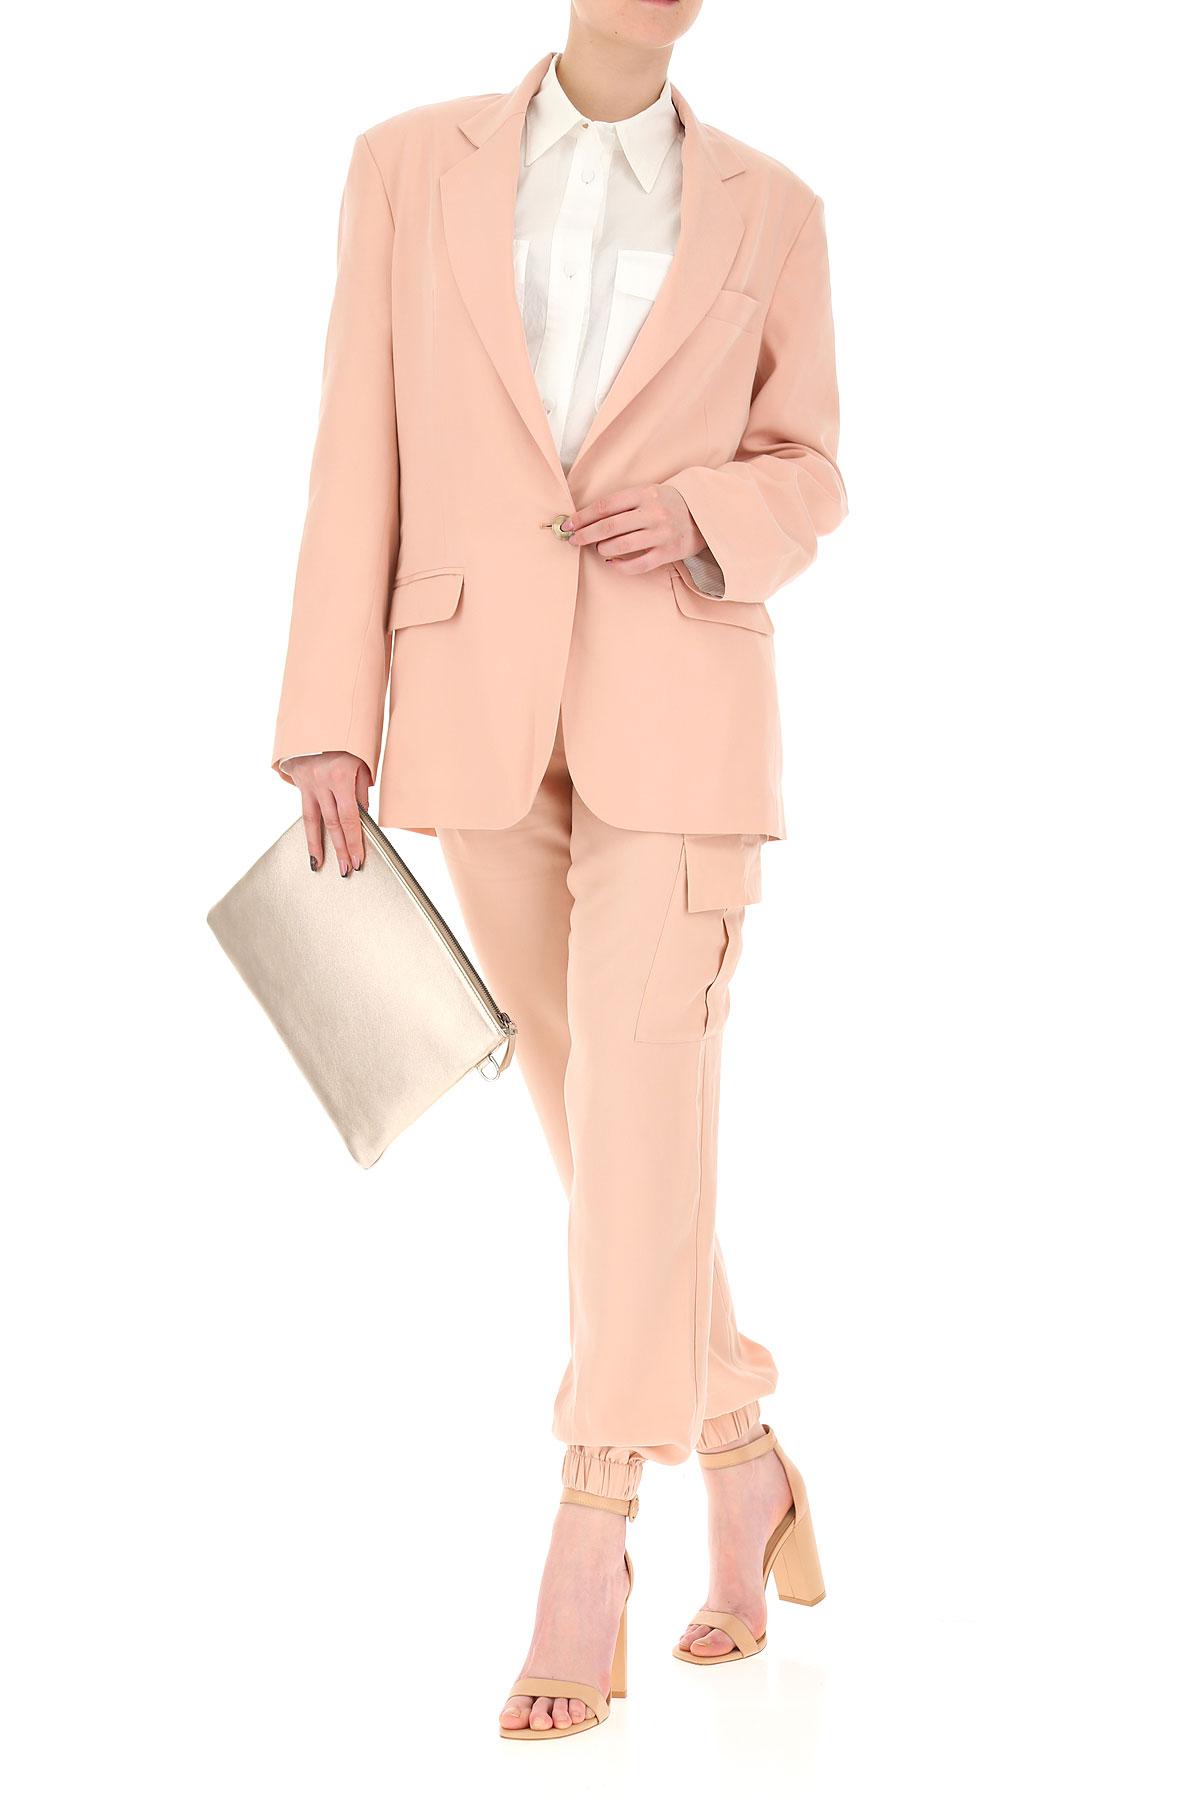 nbsp; 2019 verano Pálido Couture Ropa Orte Marmi Primavera Para Mujer Dei Rosa TqTxPwF7